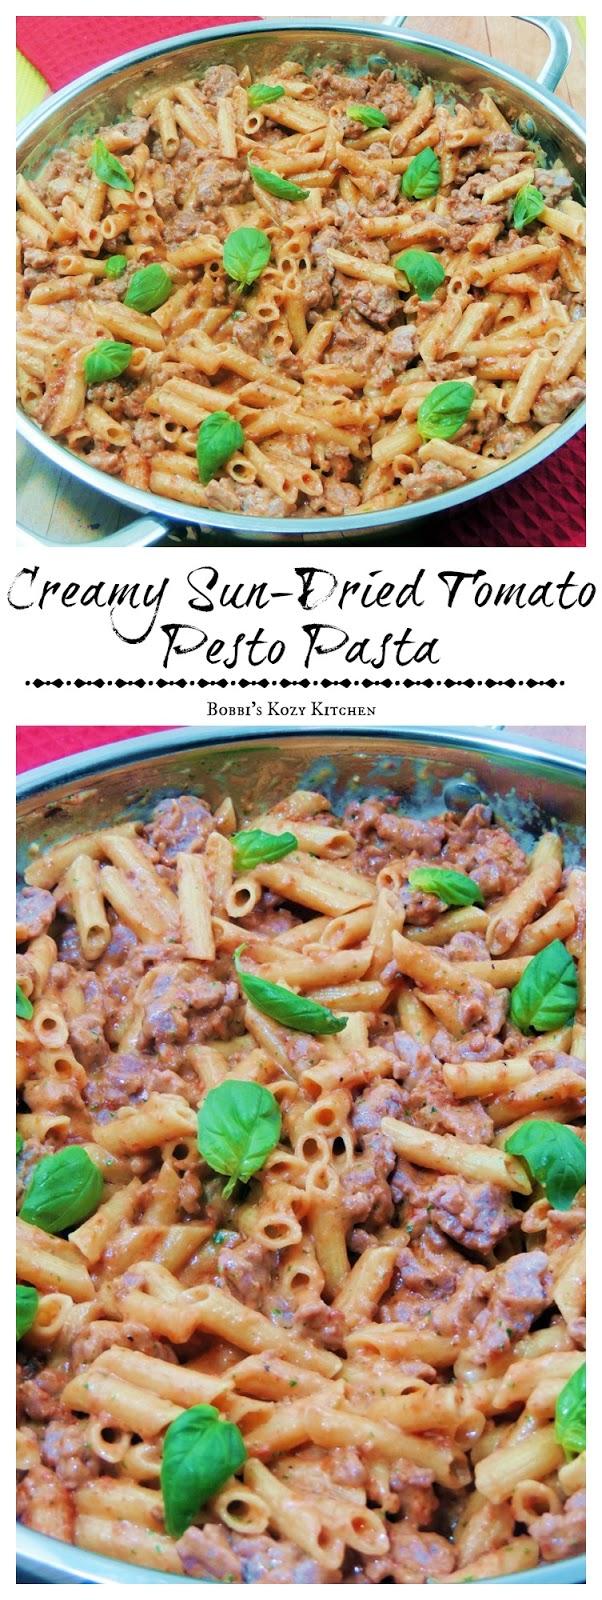 Creamy Sun-Dried Tomato Pesto Pasta Bobbis Kozy Kitchen